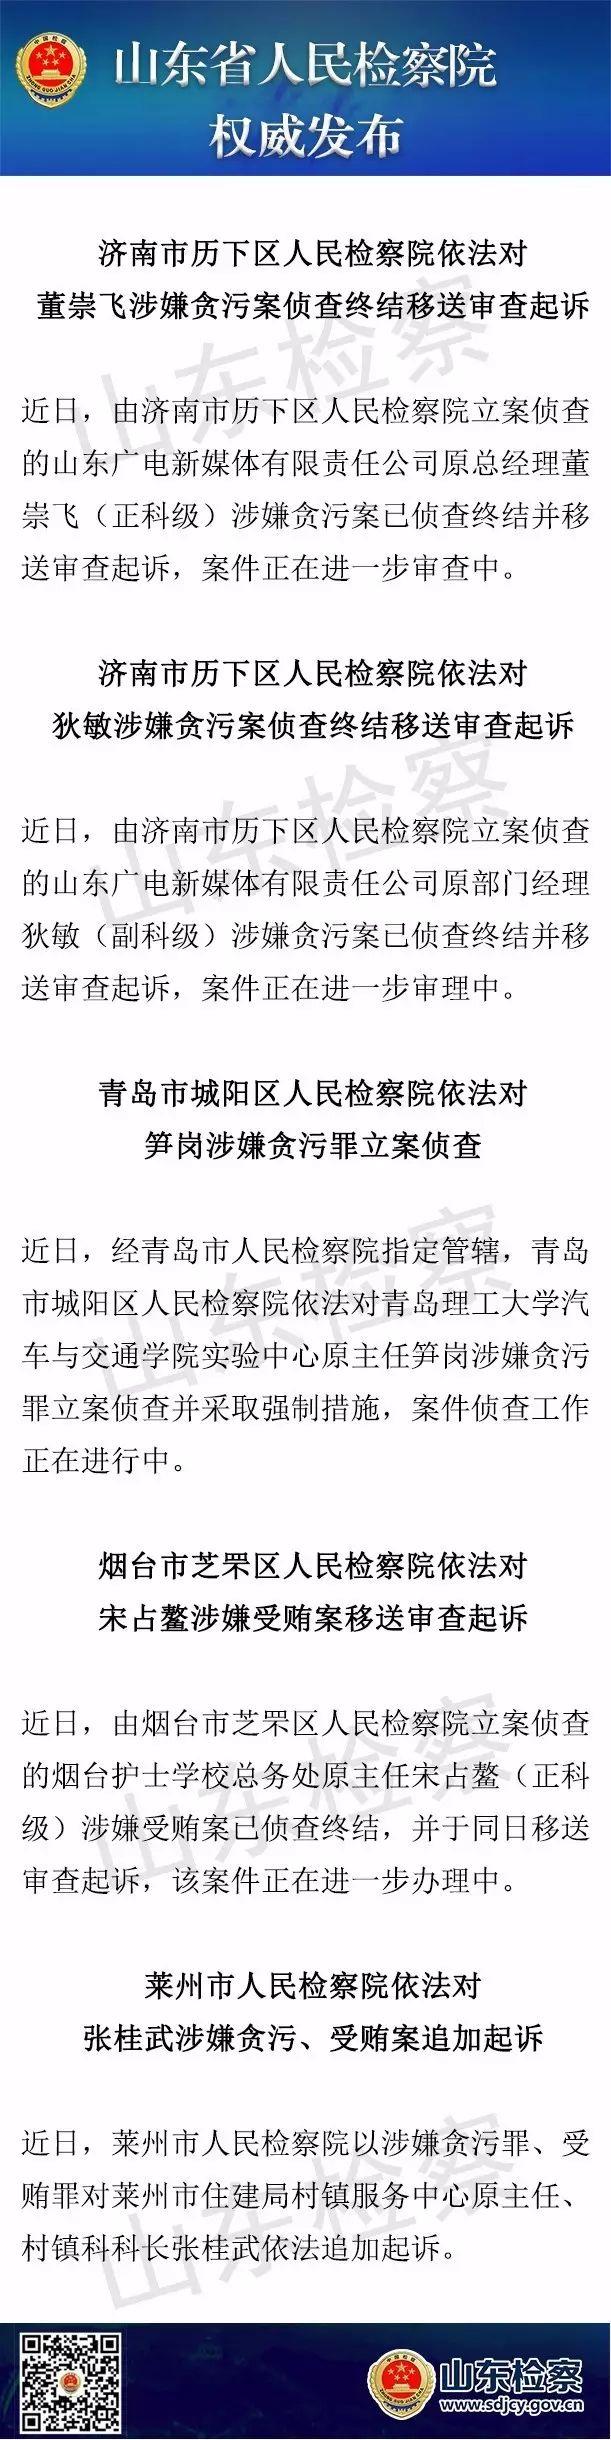 济南、青岛、烟台等地5人职务犯罪被依法追究